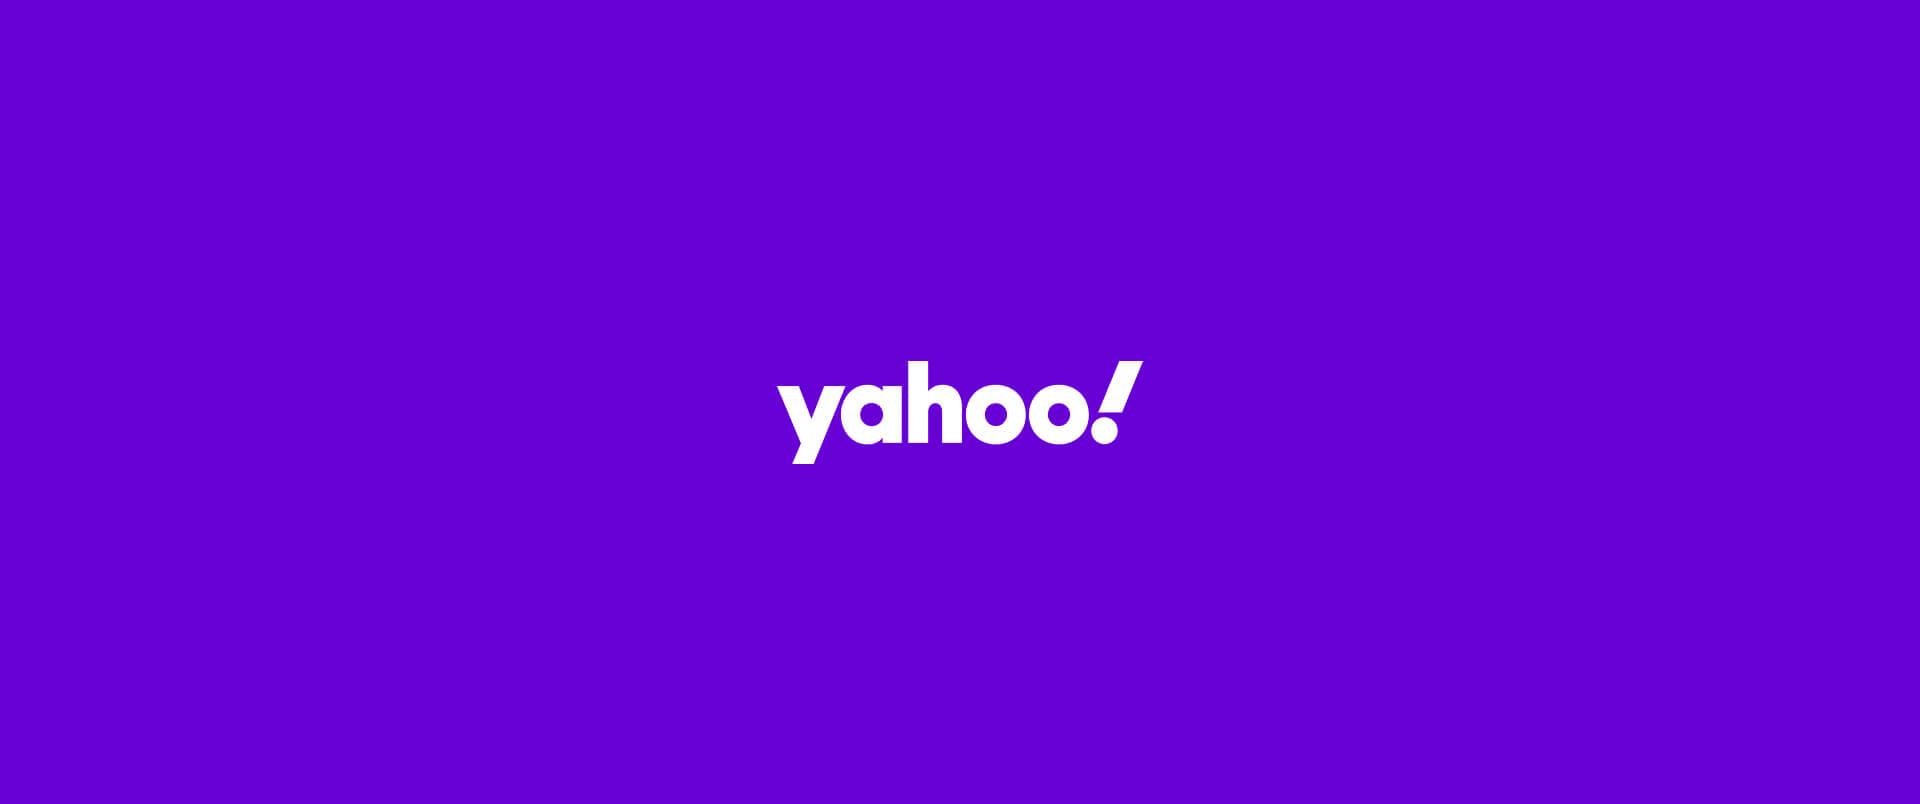 banner con el logo de yahoo